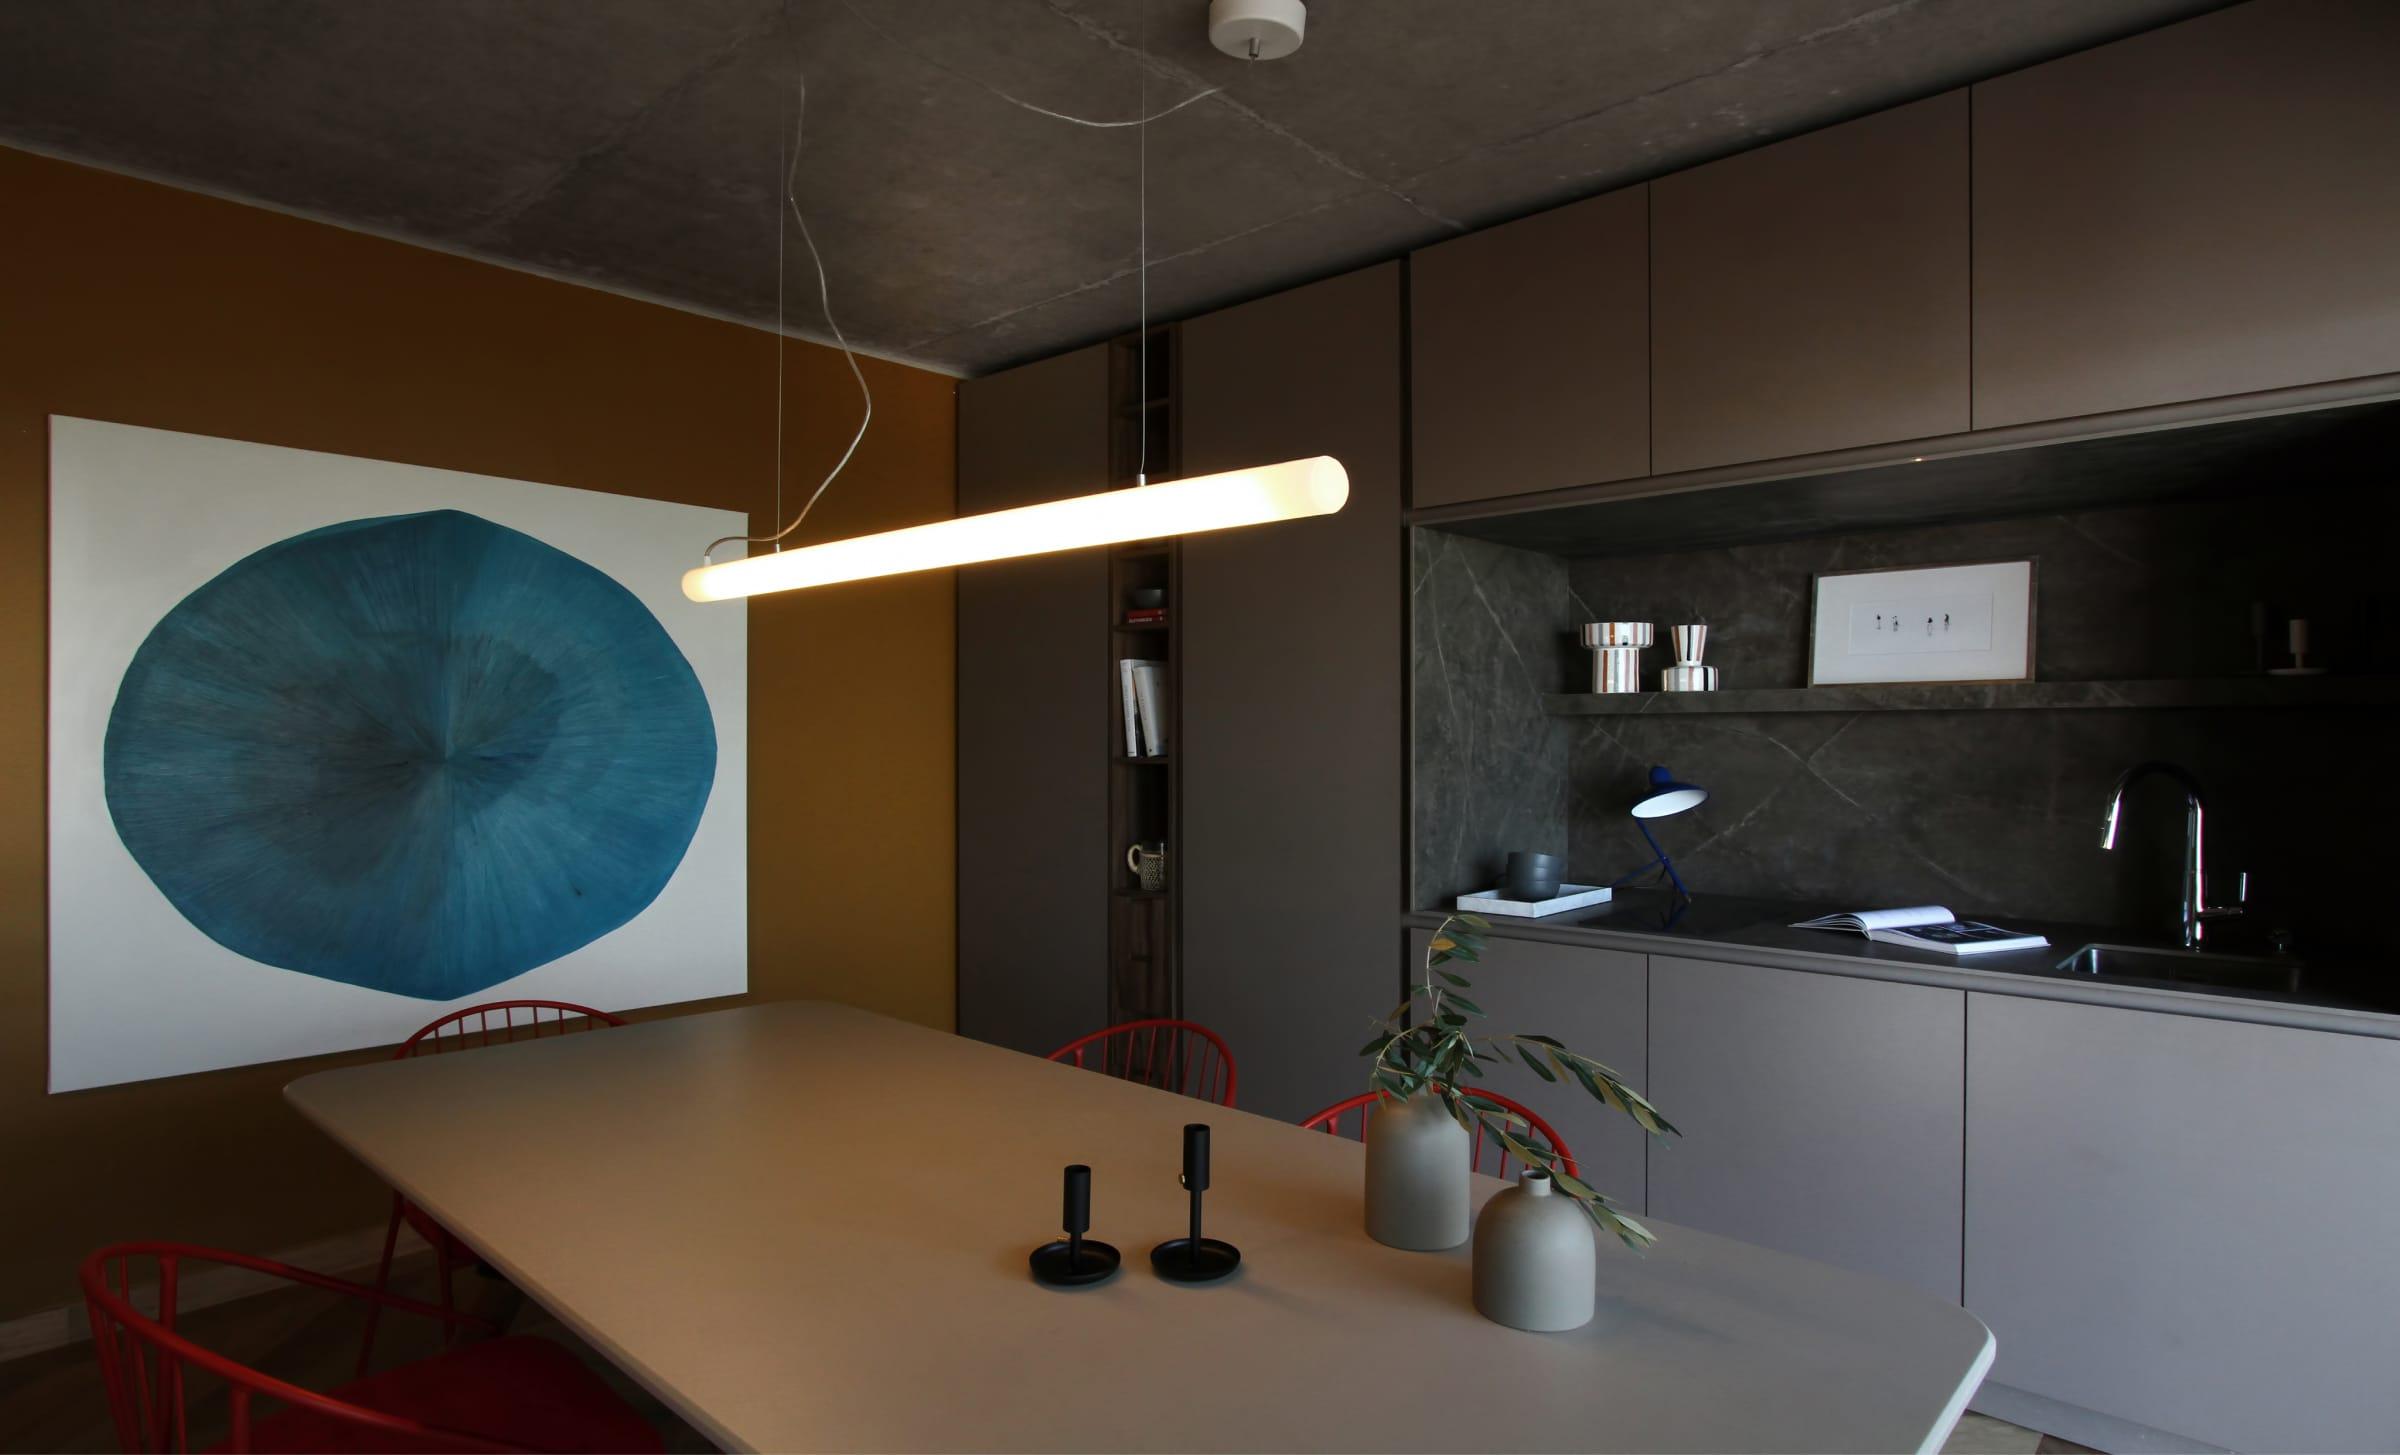 Un mueble con melamina de acabado mate y protección antibacterial (Faplac) oculta el lavadero y la heladera.